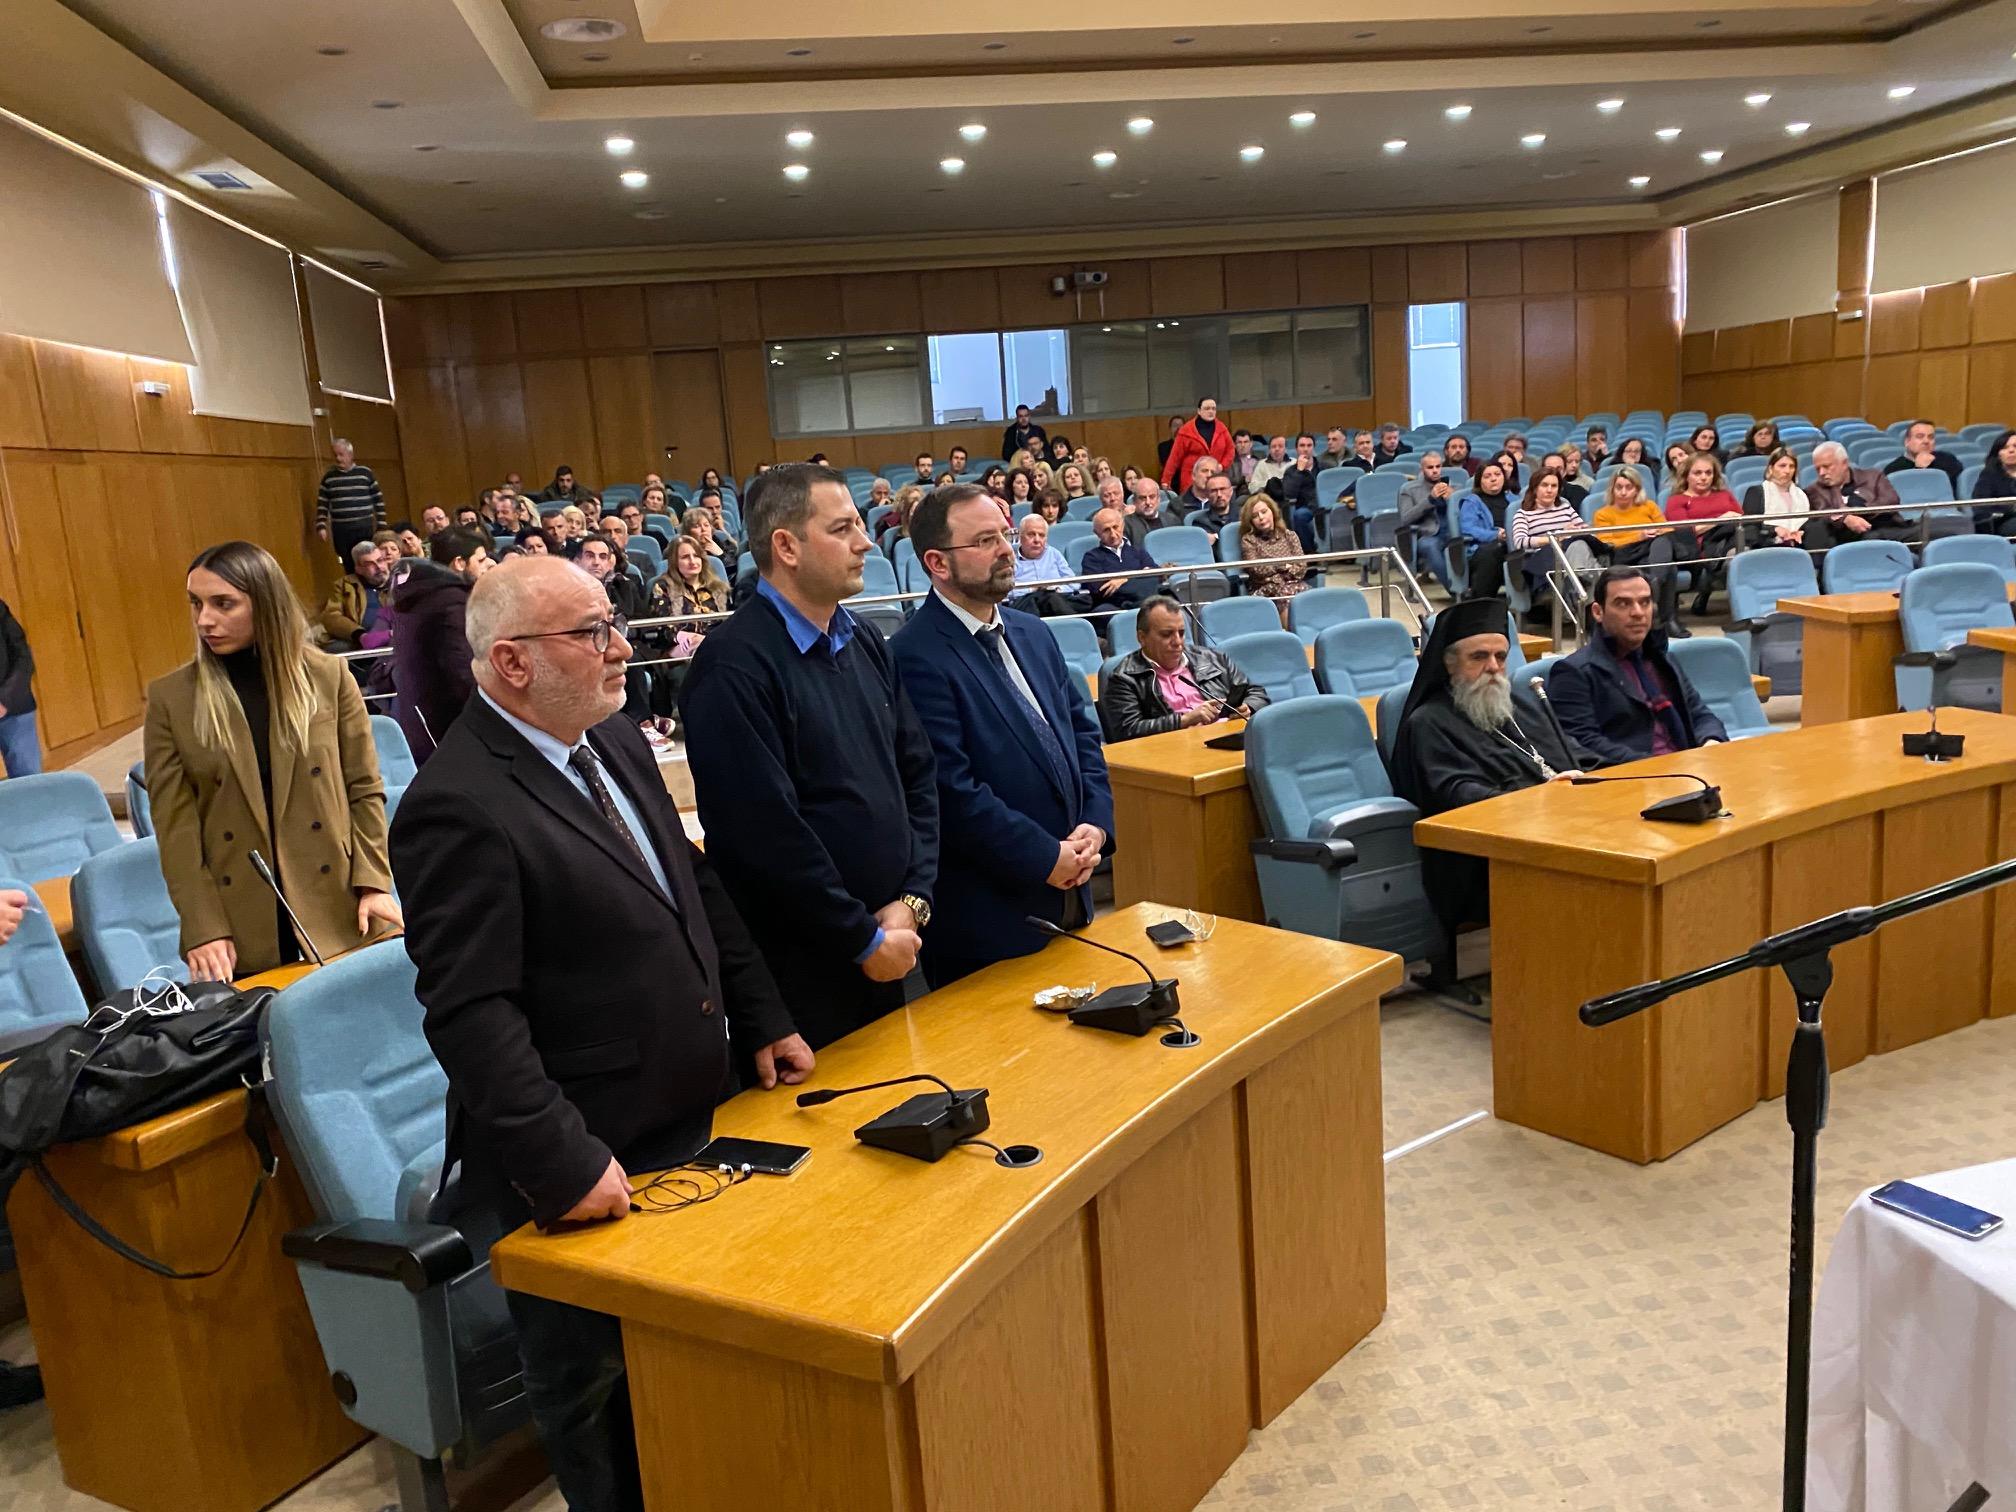 ΠΔΕ: Την προσεχή Τρίτη συνάντηση Νεκτάριου Φαρμάκη και αντιπροσωπείας της Περιφέρειας με τον Υπ. Υποδομών, Κώστα Καραμανλή, για την Πατρών – Πύργου